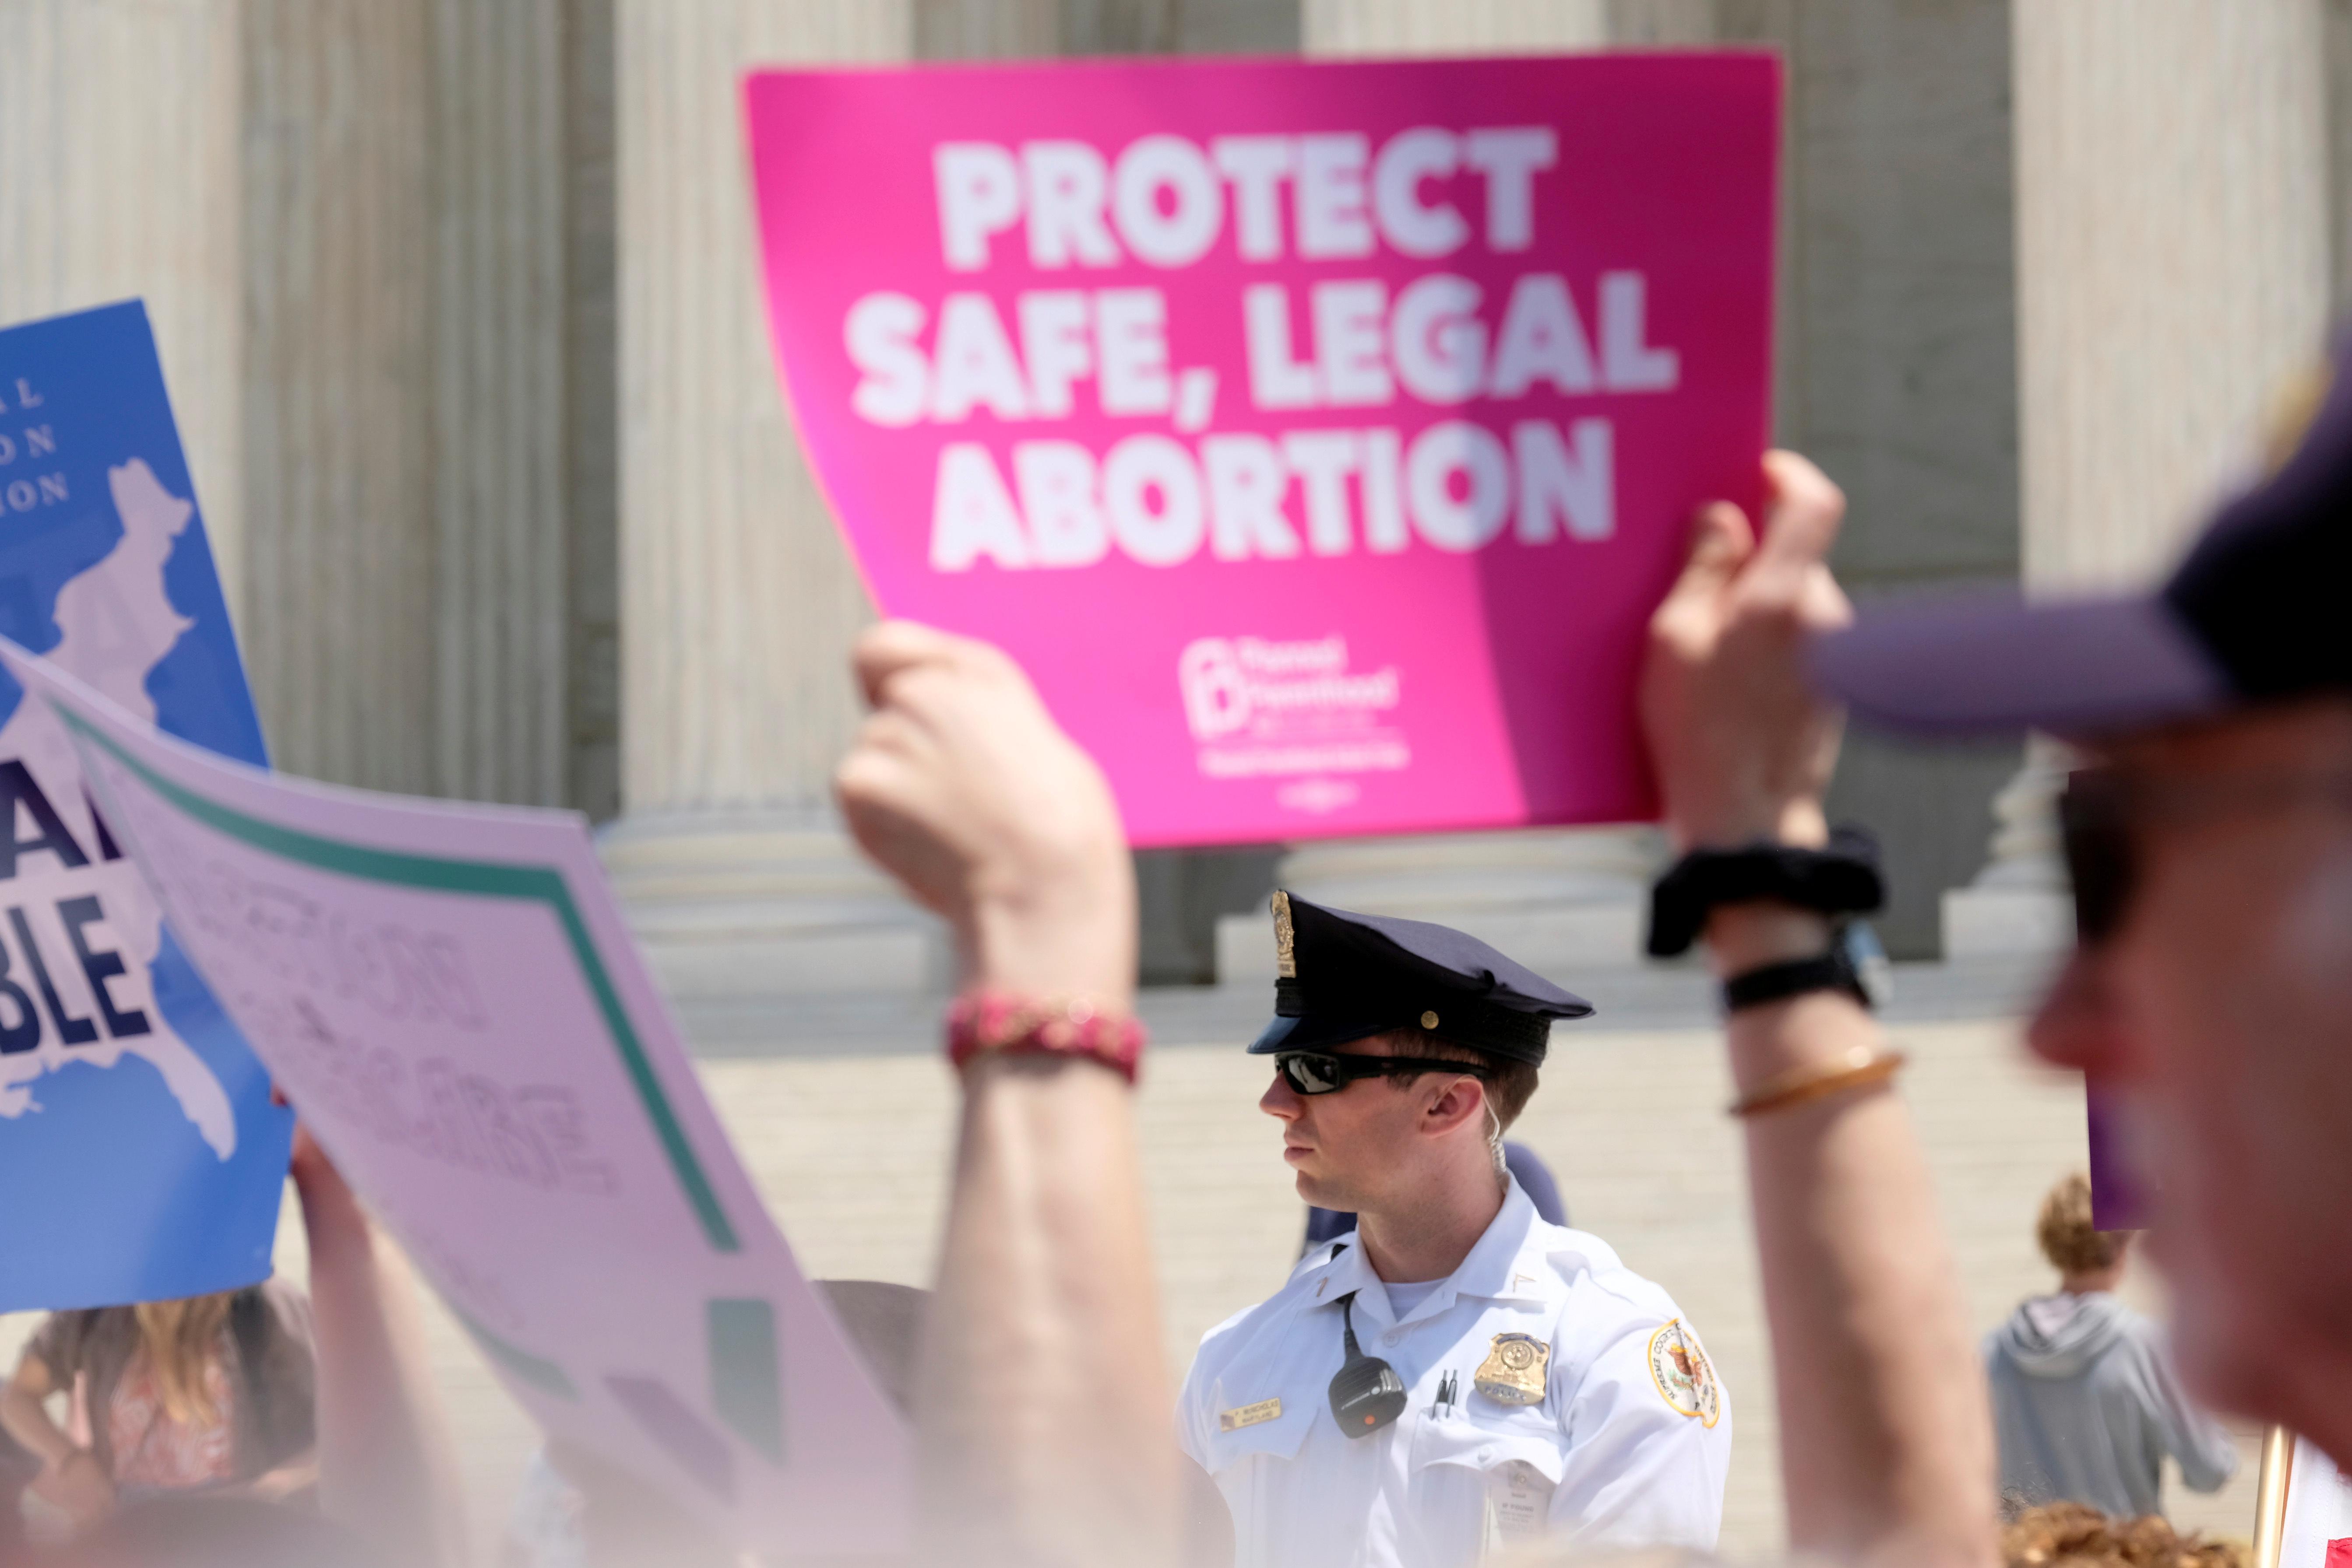 La Cour suprême des États-Unis a statué sur un cas important qui pourrait limiter l'accès à l'avortement